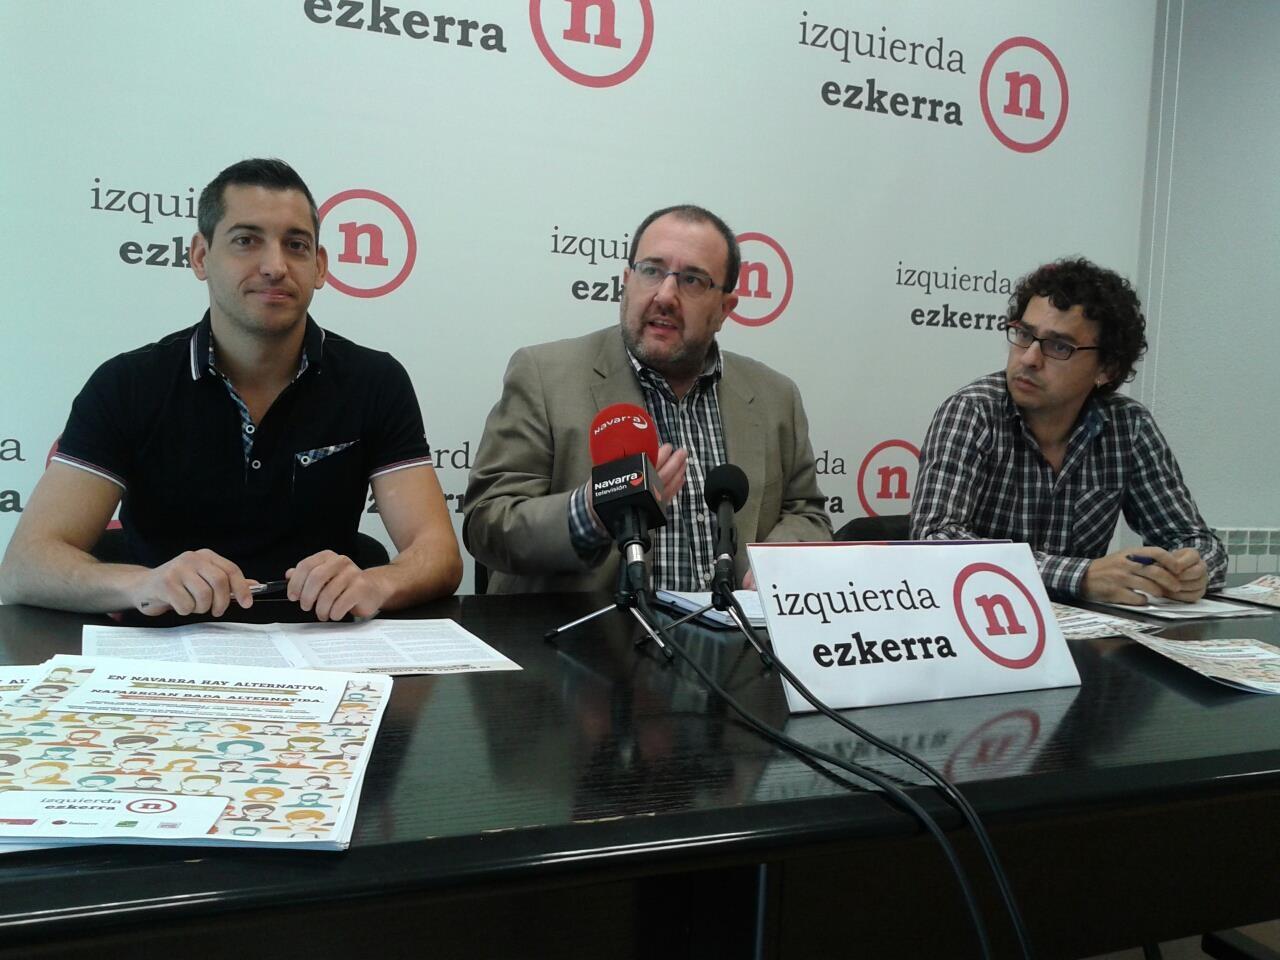 """Es necesario impulsar """"una alternativa de izquierdas e interidentitaria"""" en Navarra"""